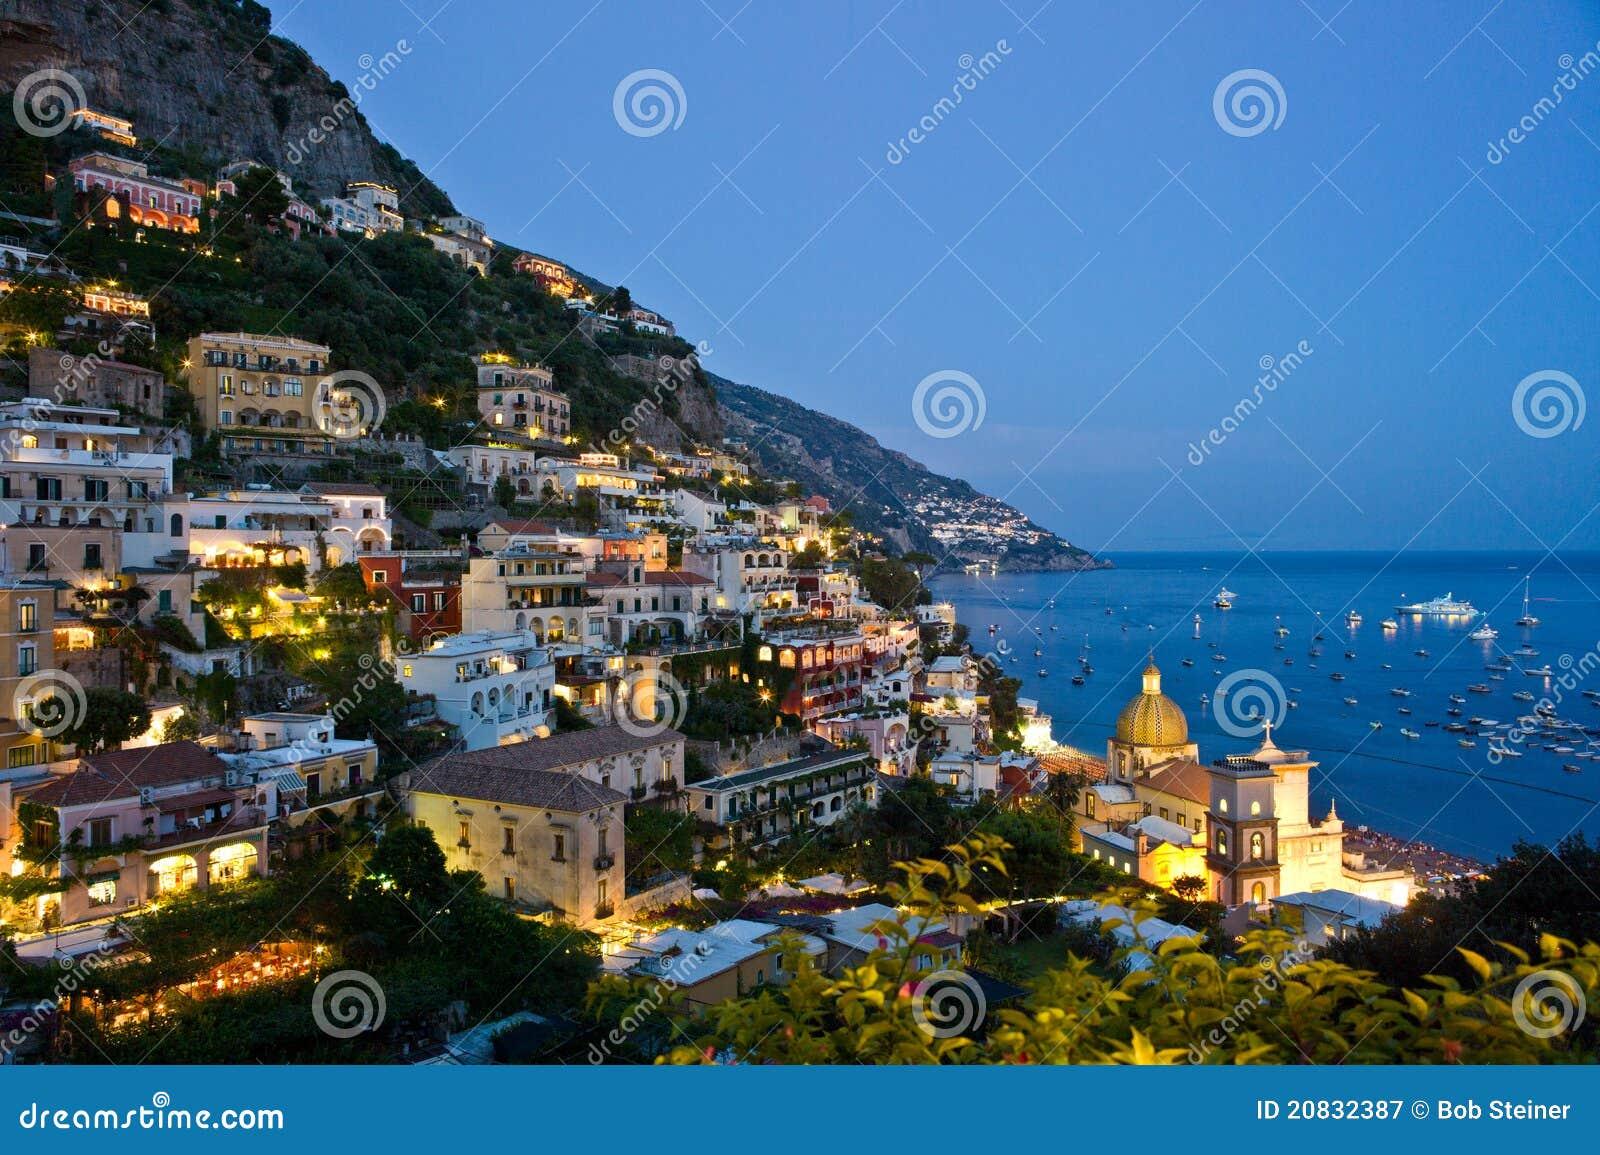 Nightfall in Positano